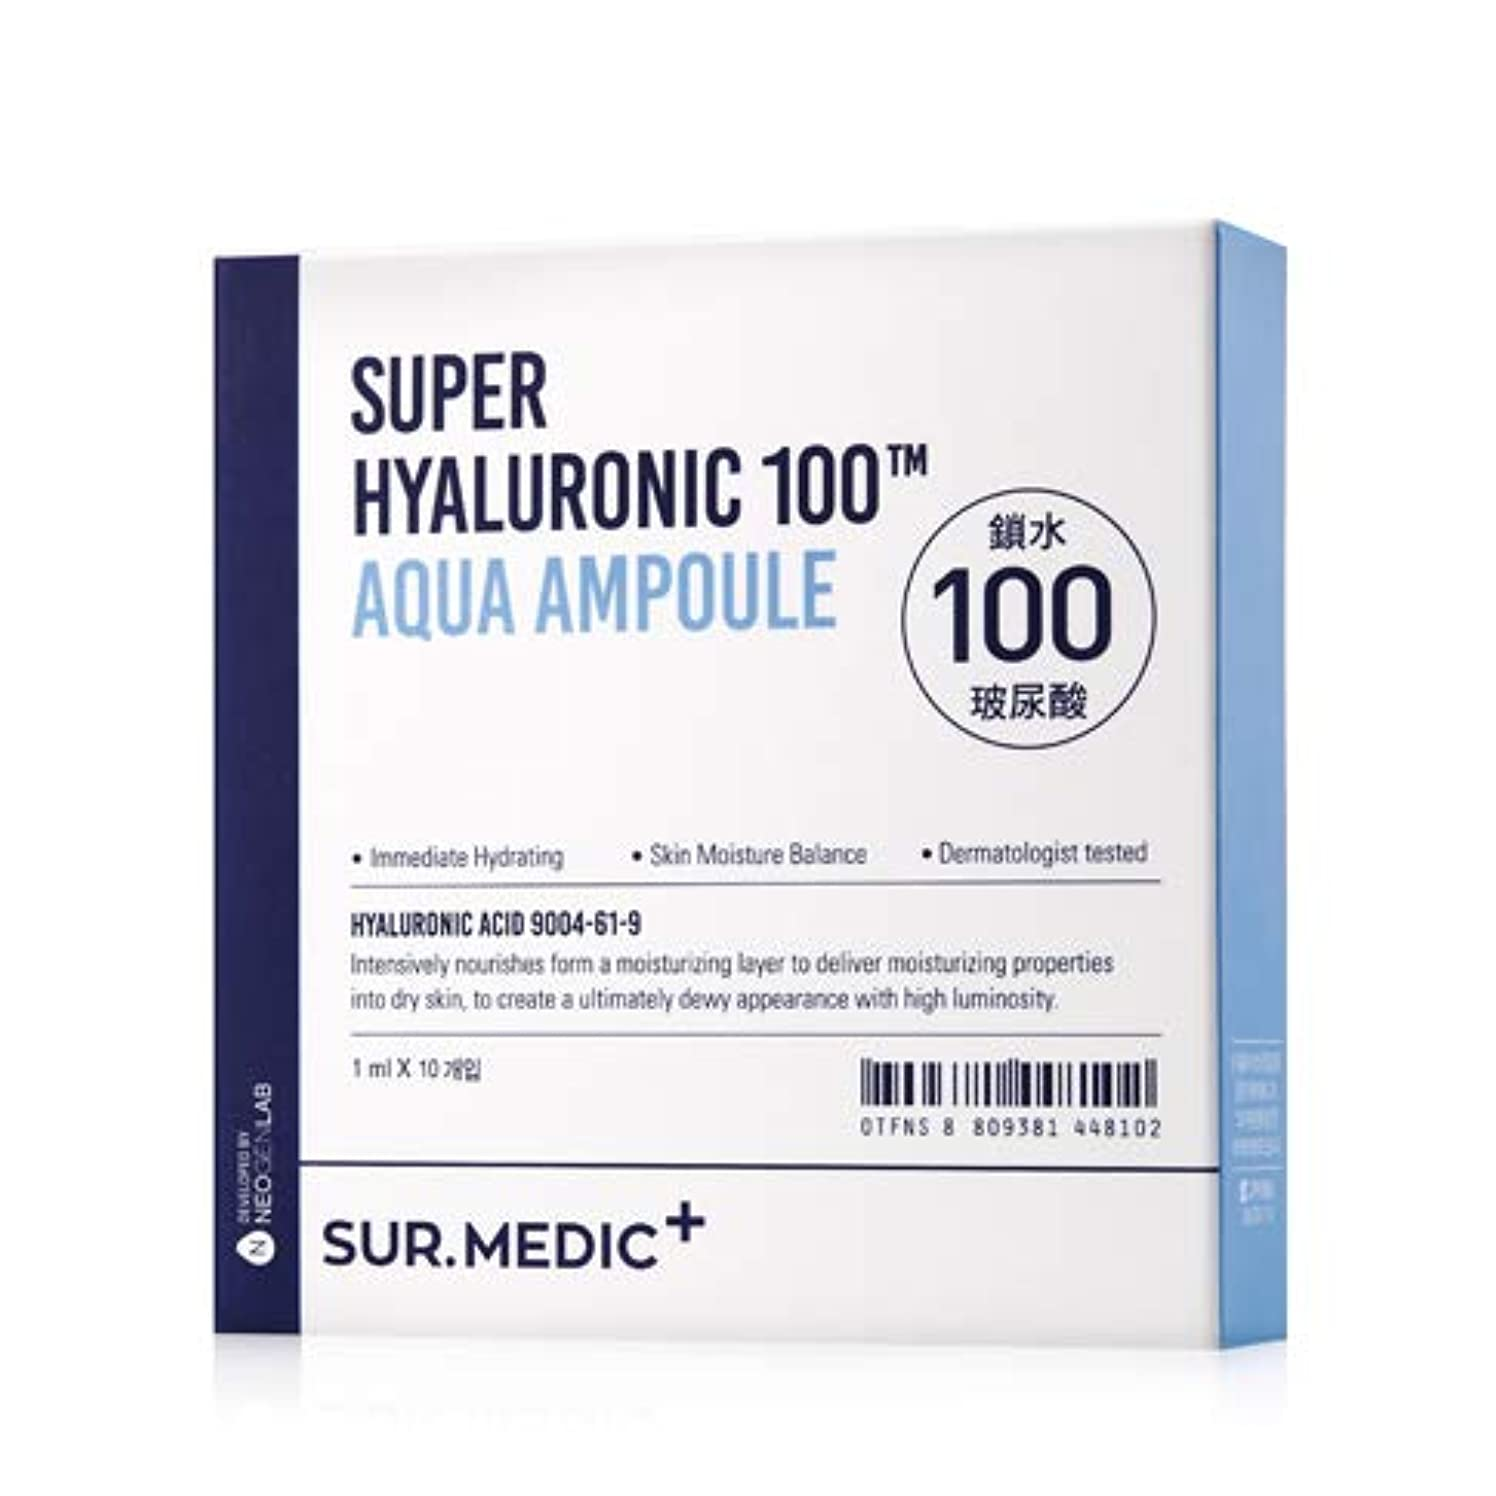 狐カーペット子供達SUR.MEDIC スーパーヒアルロン酸100アクアアンプル1mlx10EA / Super Hyaluronic 100 Aqua Ampoule